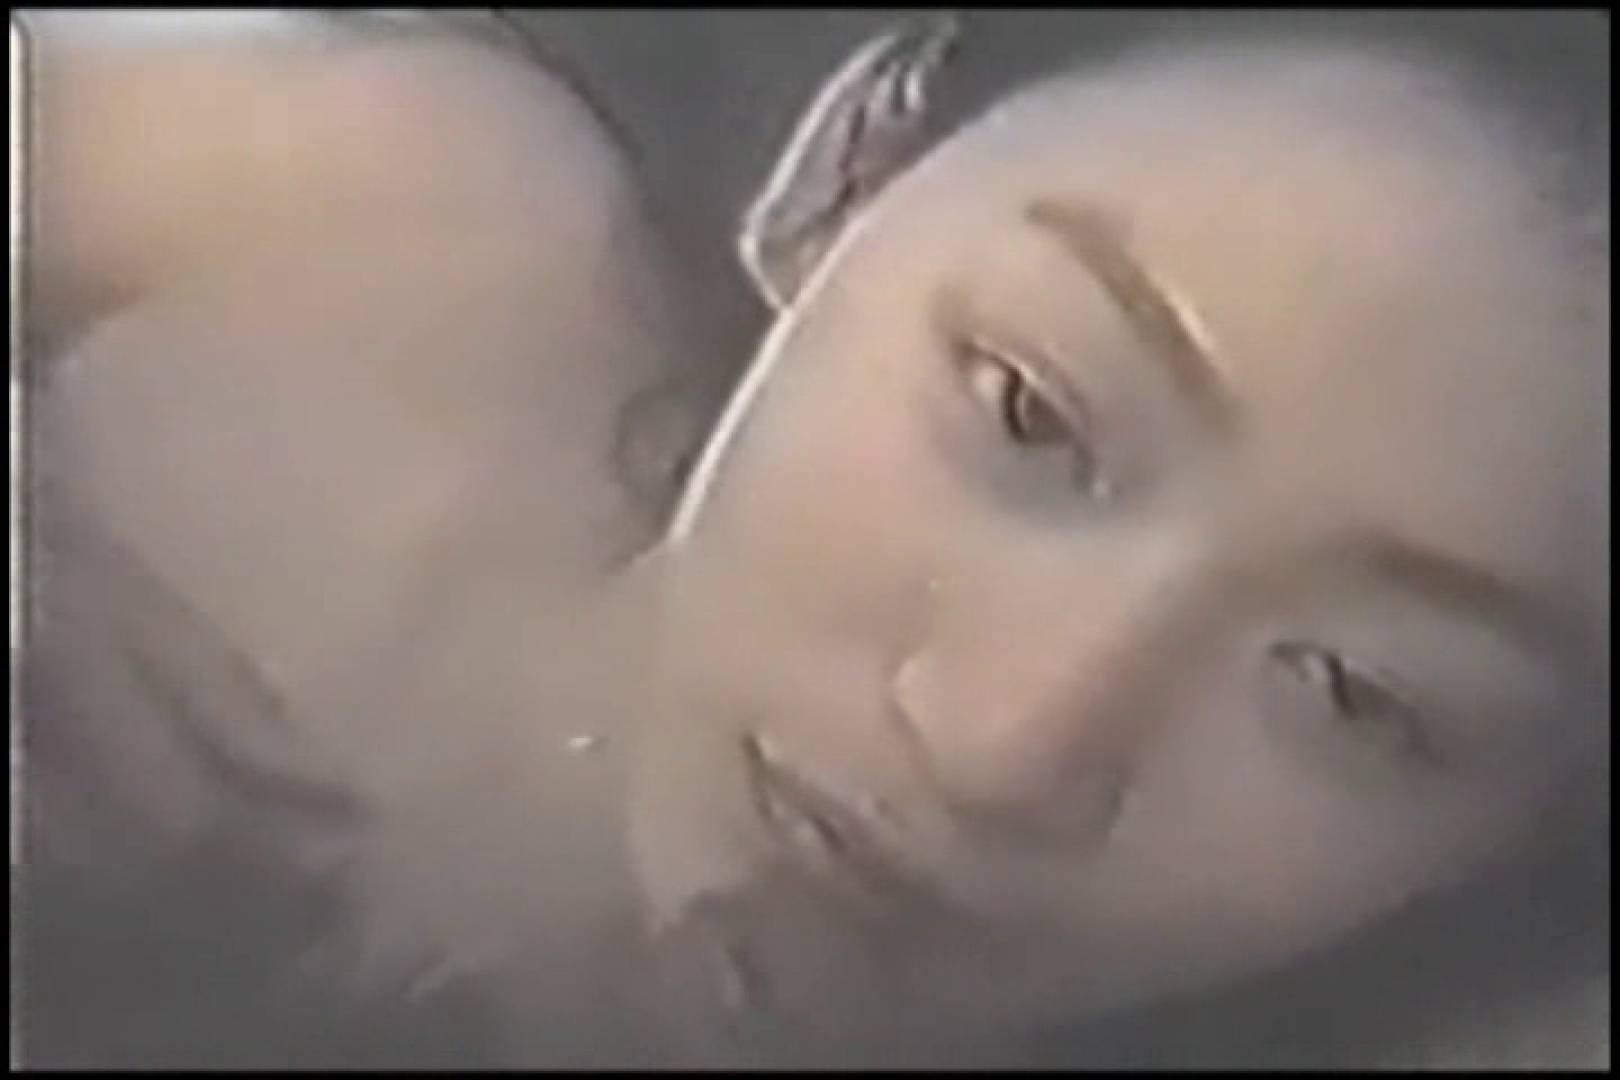 前後不覚に酔っている女を撮影する鬼畜親父 鬼畜  70pic 21